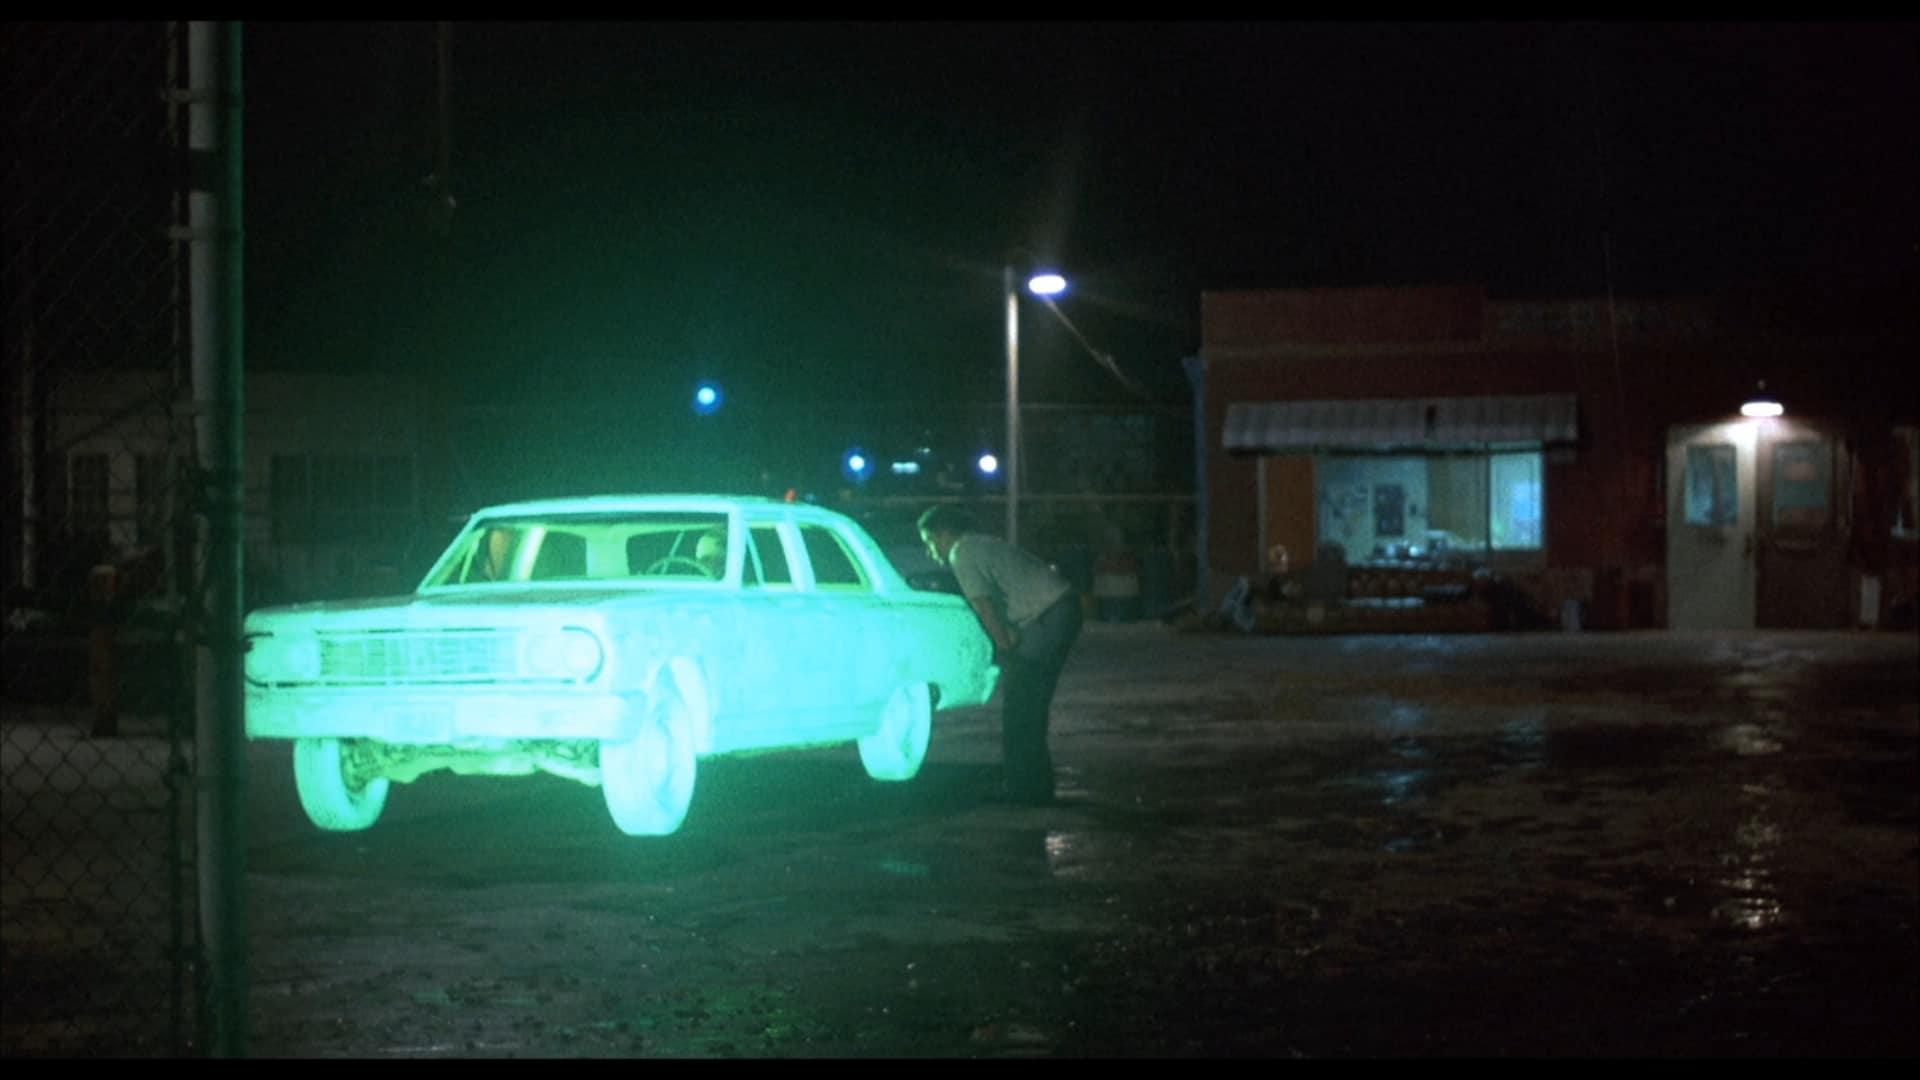 Emilio Estevez steht auf einem dunklen Hofgelände und schaut gebeugt in das Fahrerfenster eines Cadillac, der grün leuchtet.